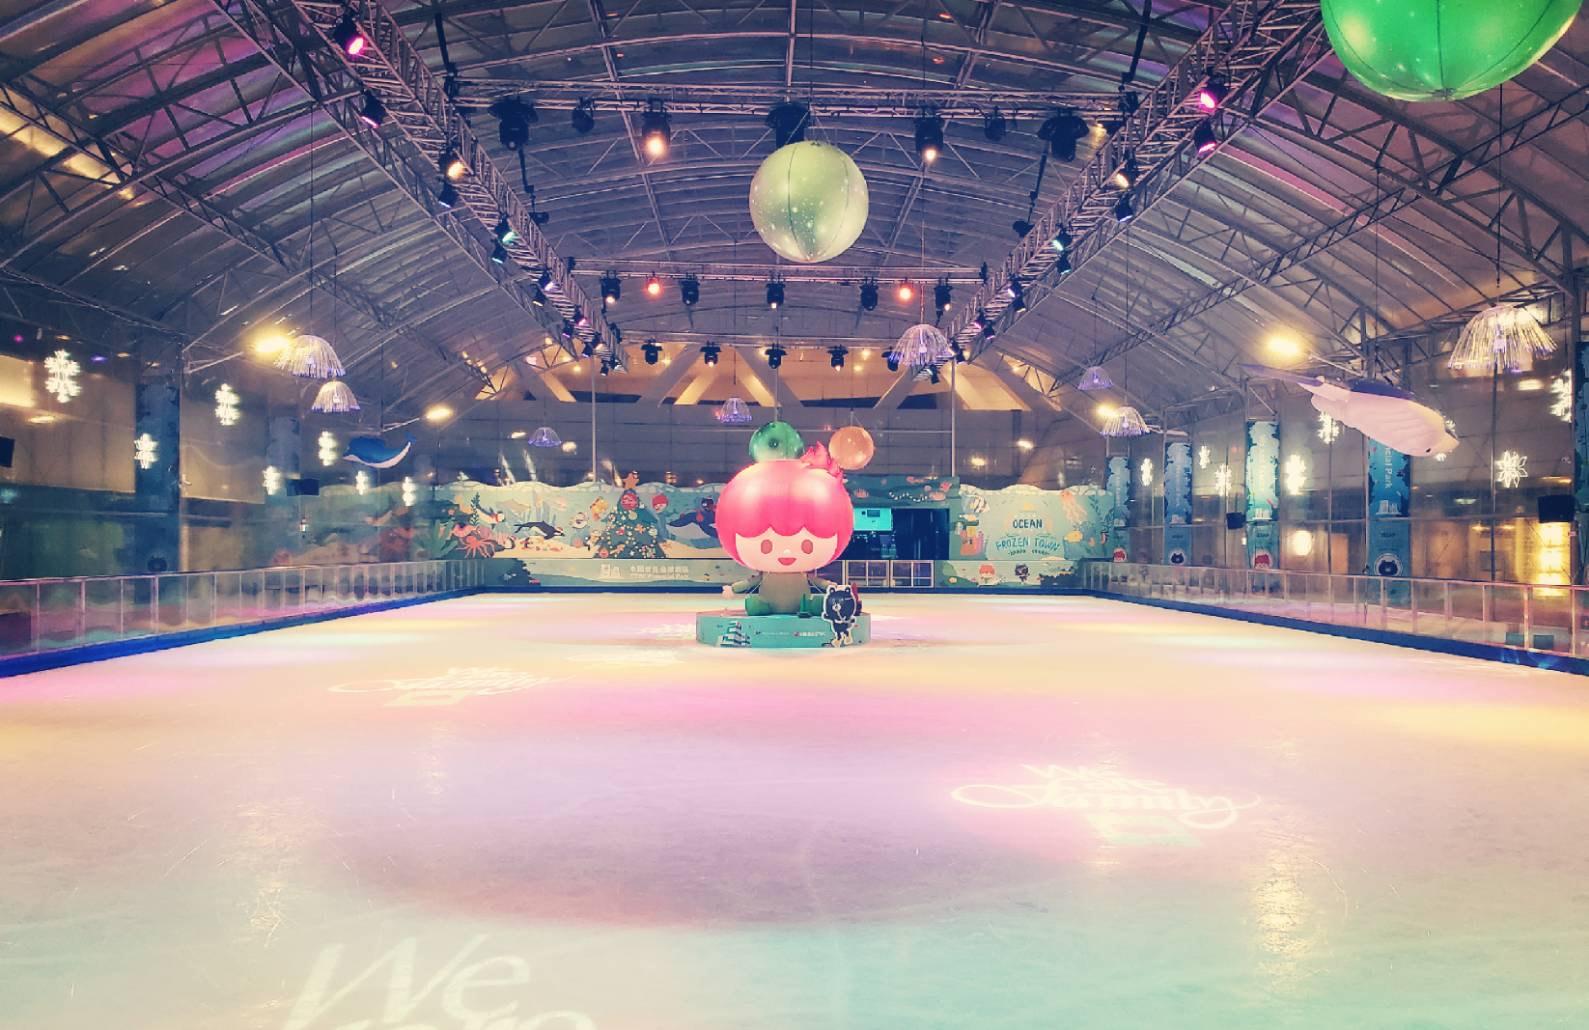 中信金融園區日前開放戶外溜冰場,今年以夢幻海洋為主題,可愛彩繪充滿童趣。圖/中國信託金融園區臉書粉絲專頁